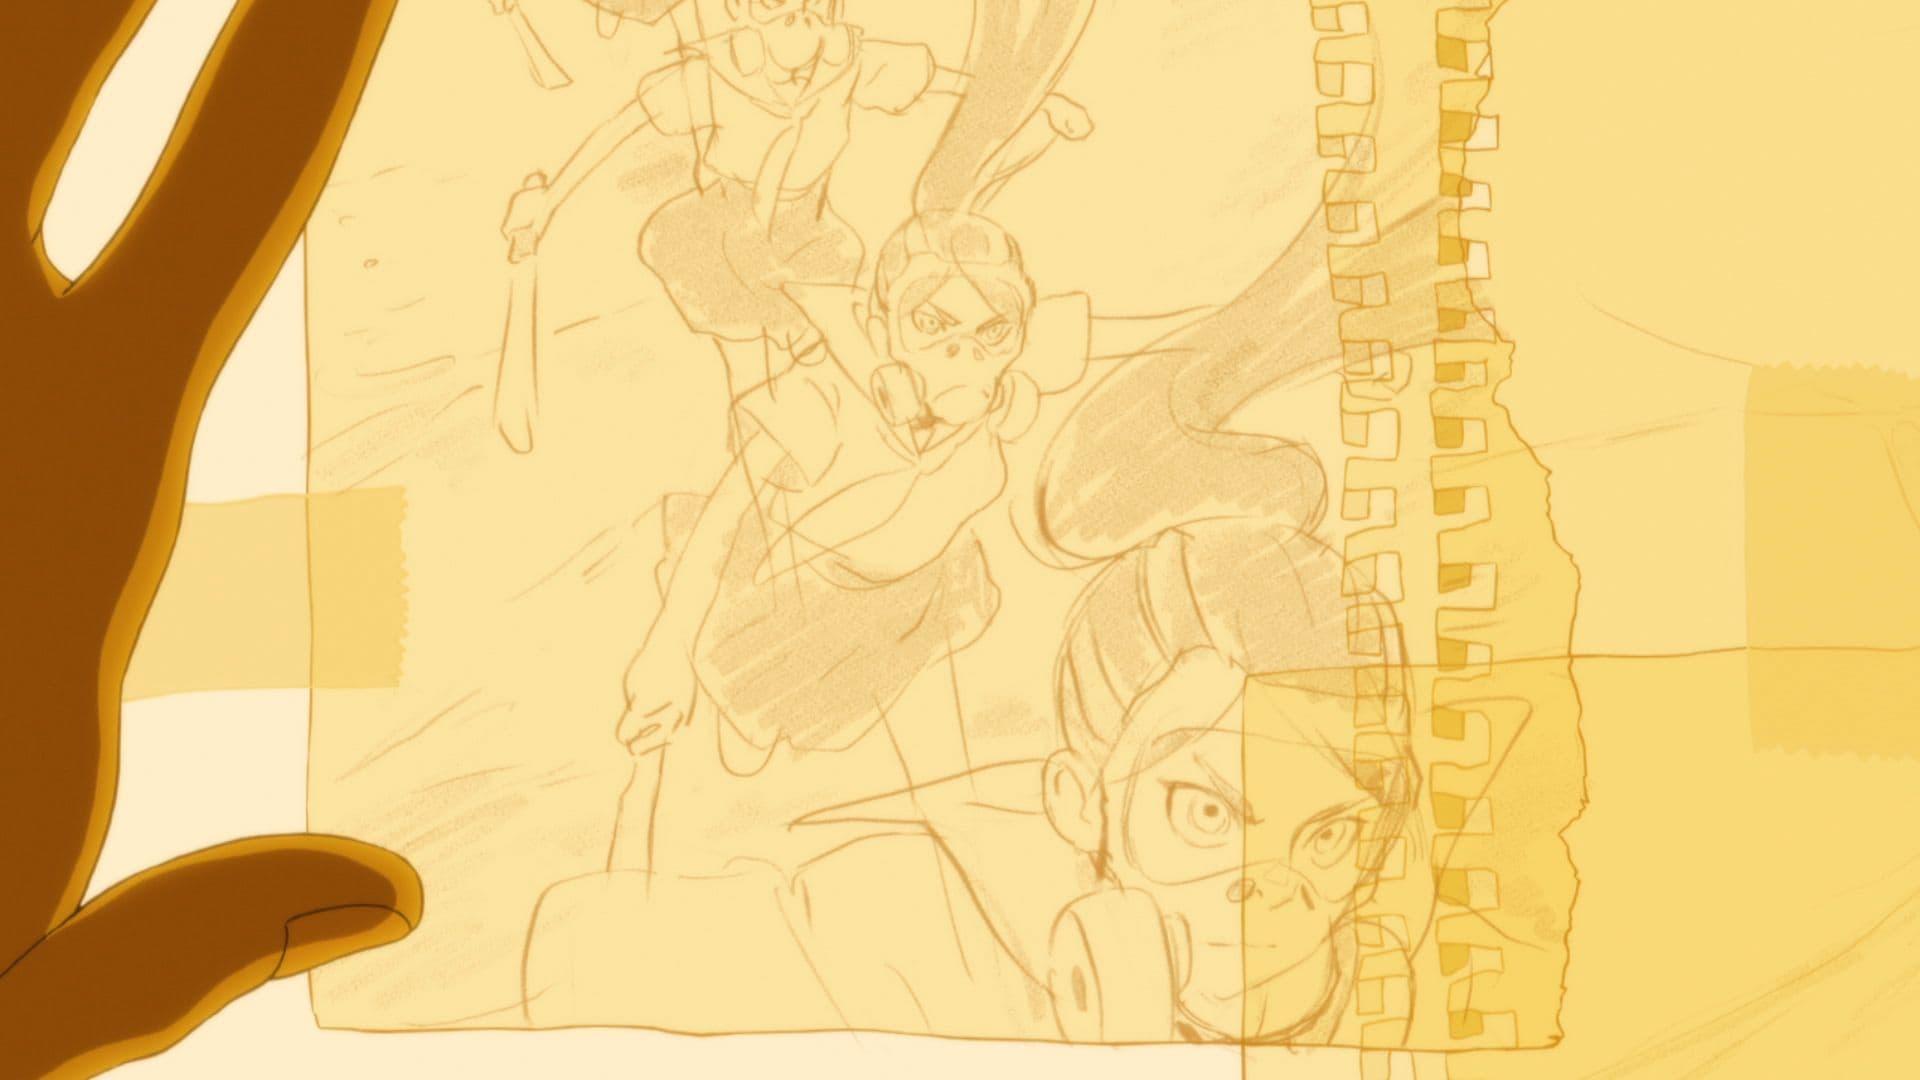 浅草みどり役・伊藤沙莉が語る『映像研には手を出すな!』の魅力「これが湯浅監督作品か!」の画像011